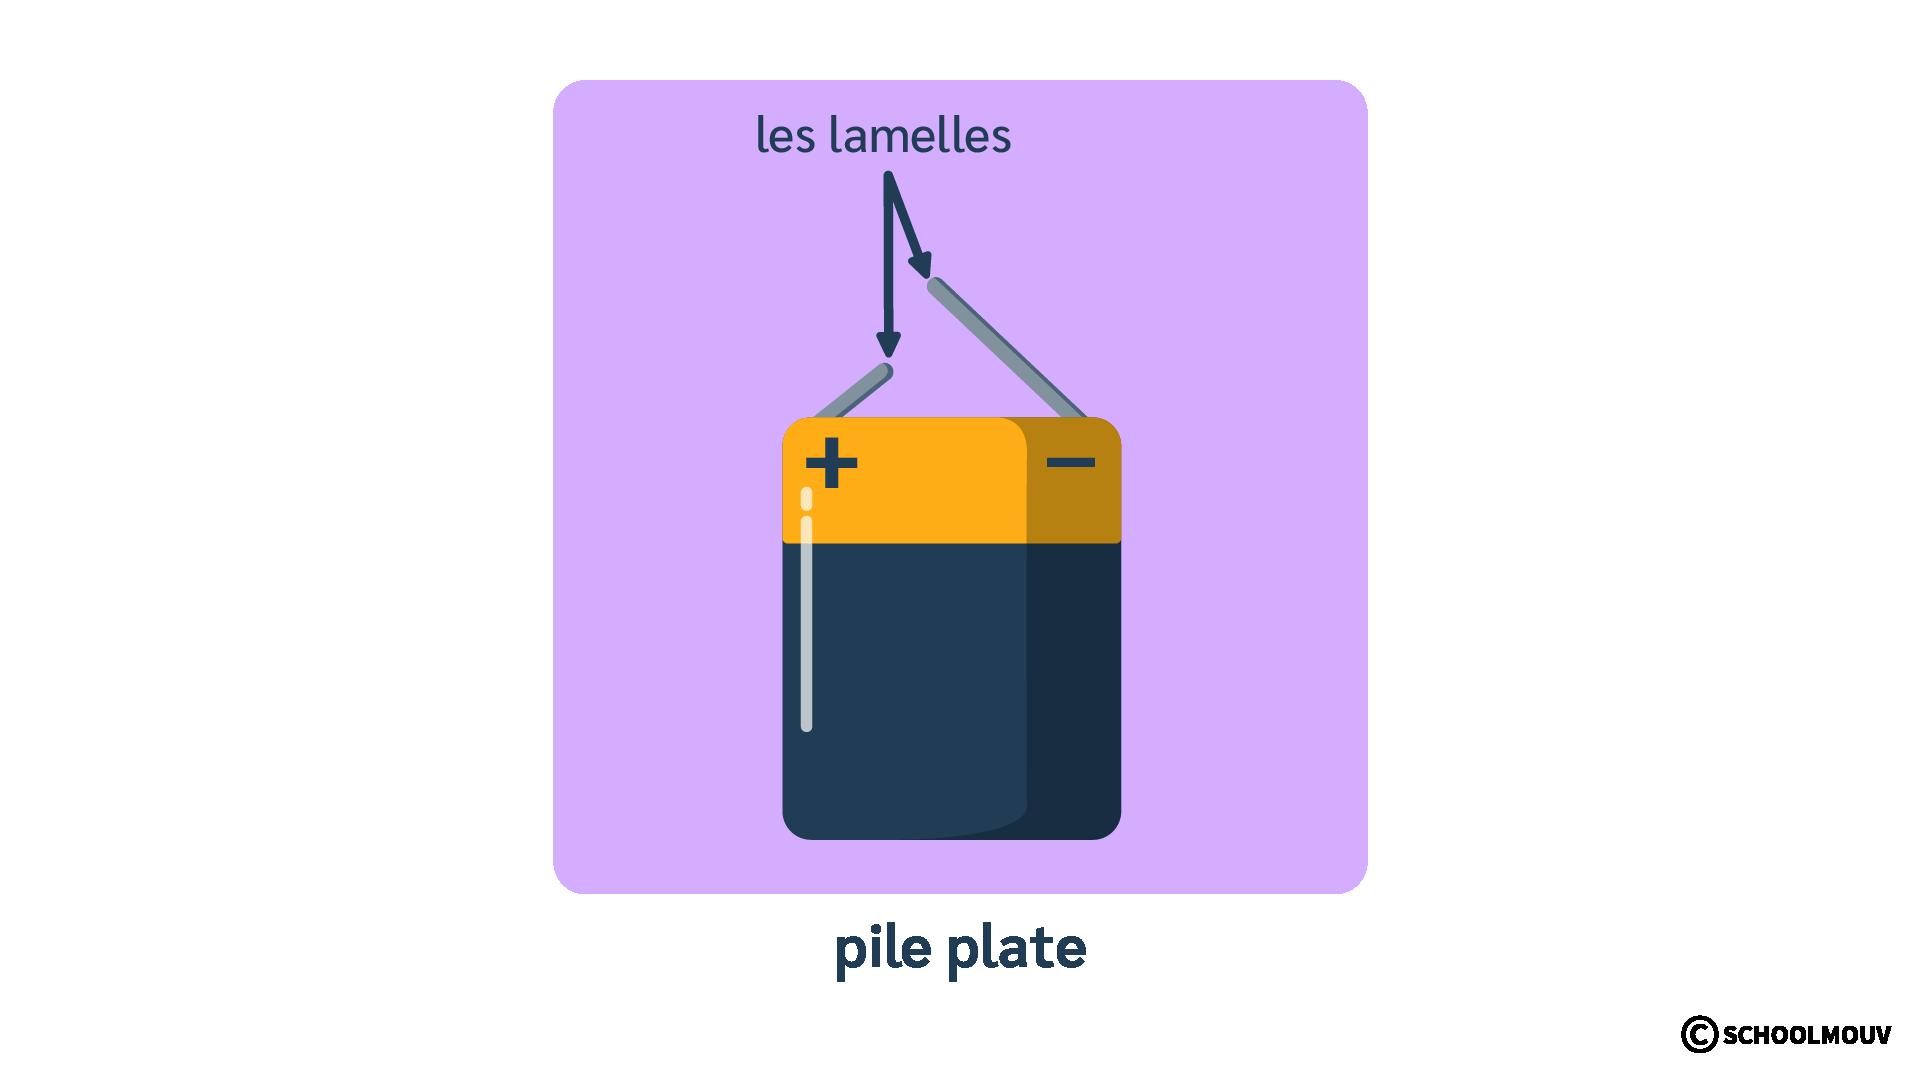 Pile plate - Générateur - Électricité - SchoolMouv - Sciences - CE1